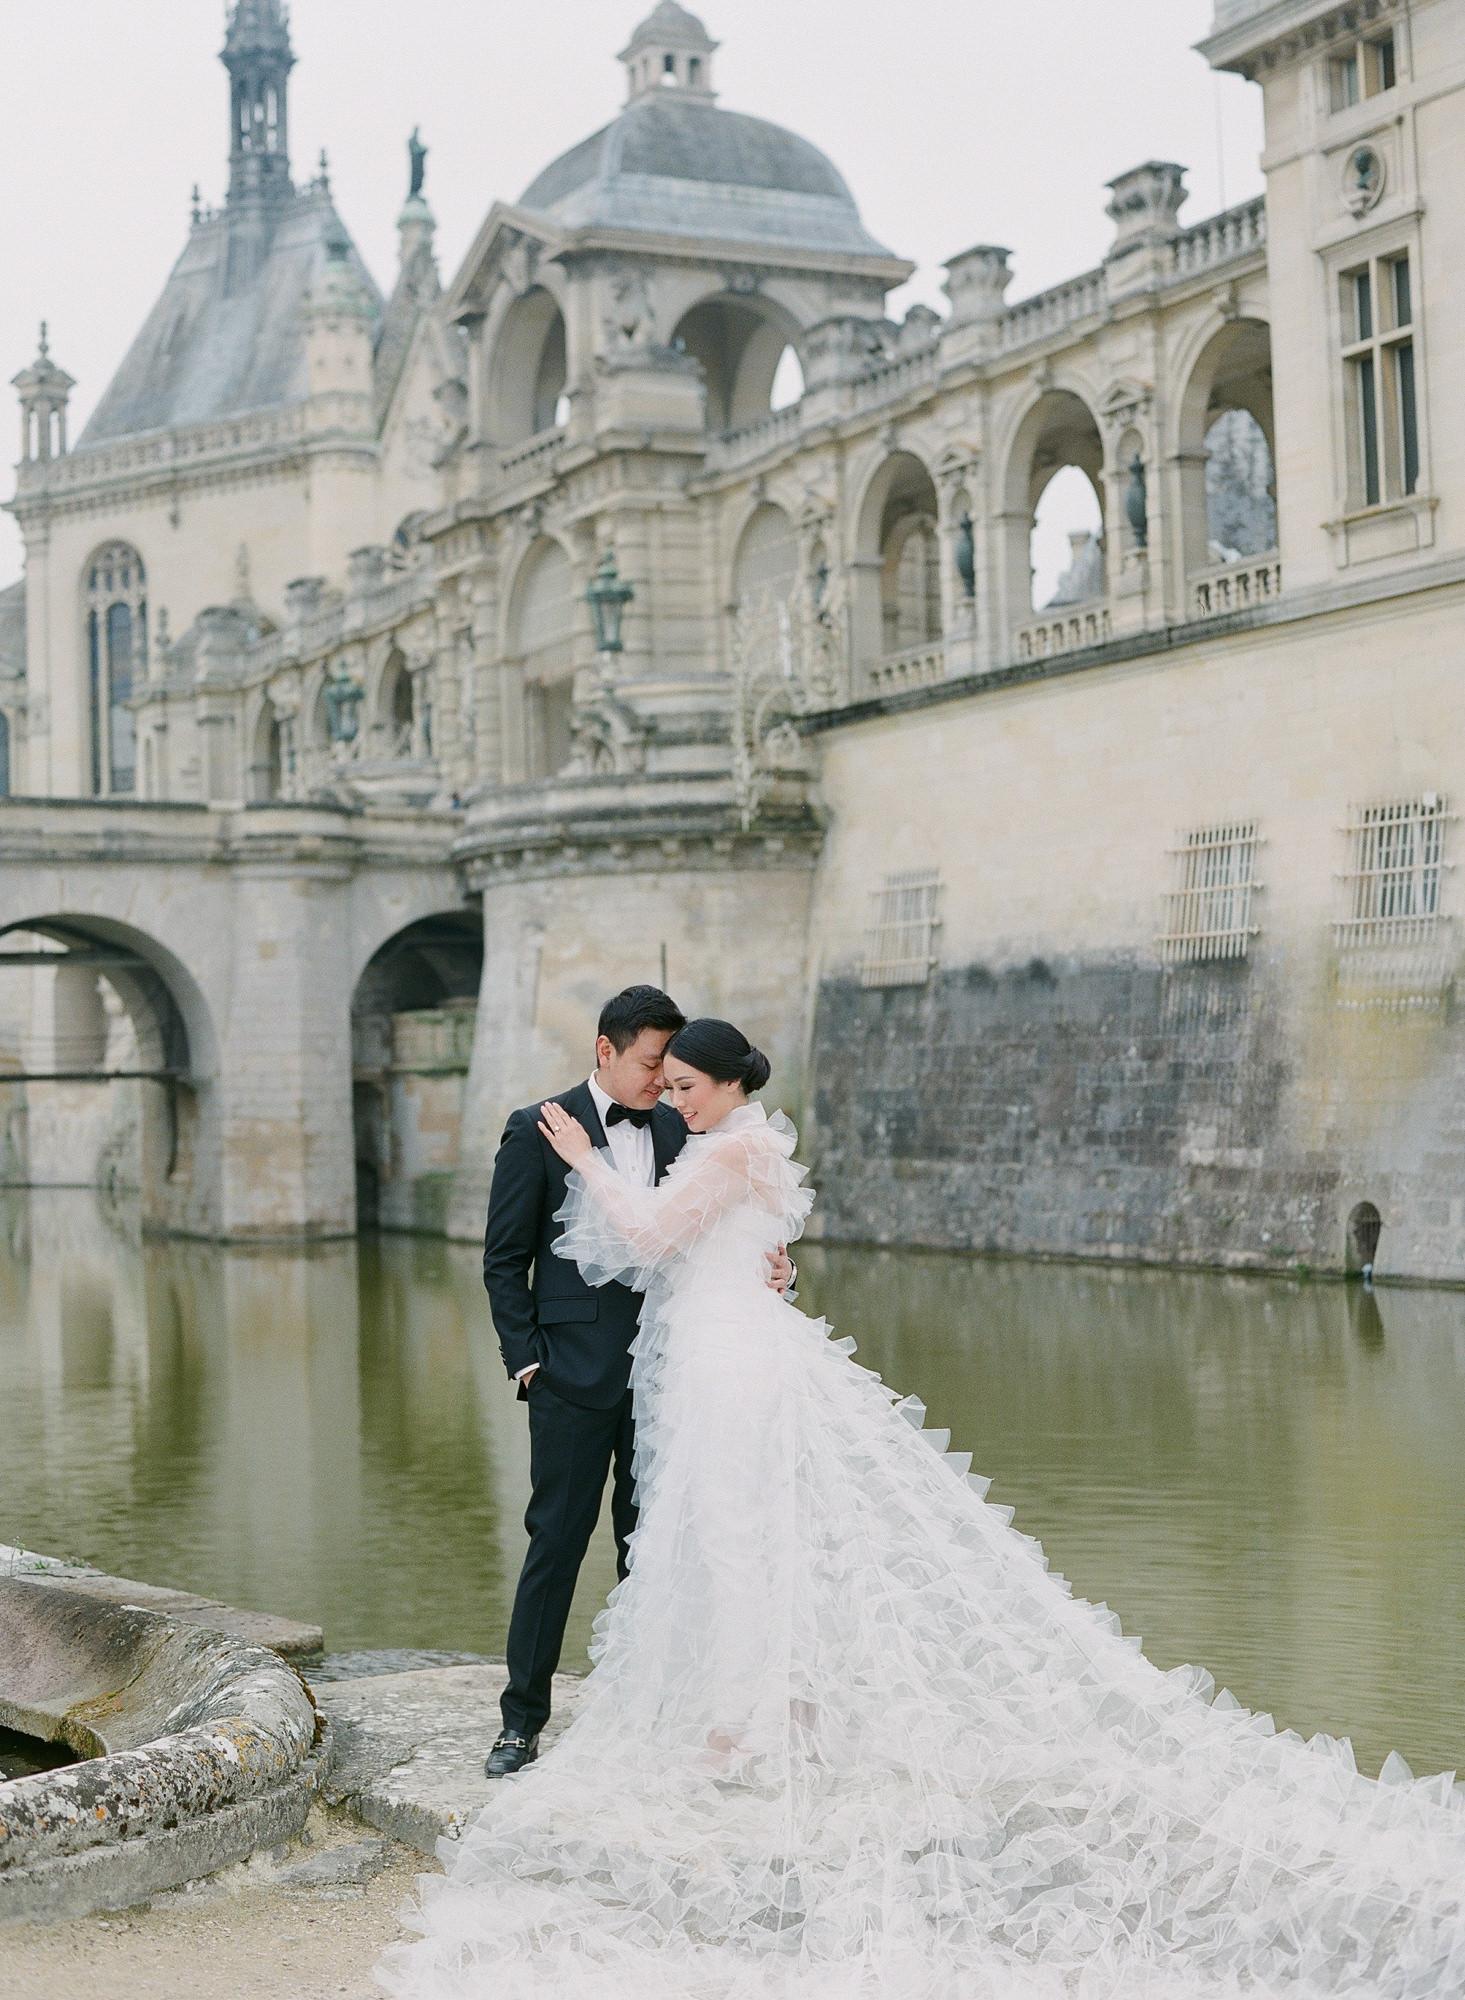 elegant-asian-couple-by-river-paris-long-sleeve-white-ruffled-coat-worlds-best-wedding-photos-greg-finck-france-wedding-photographers